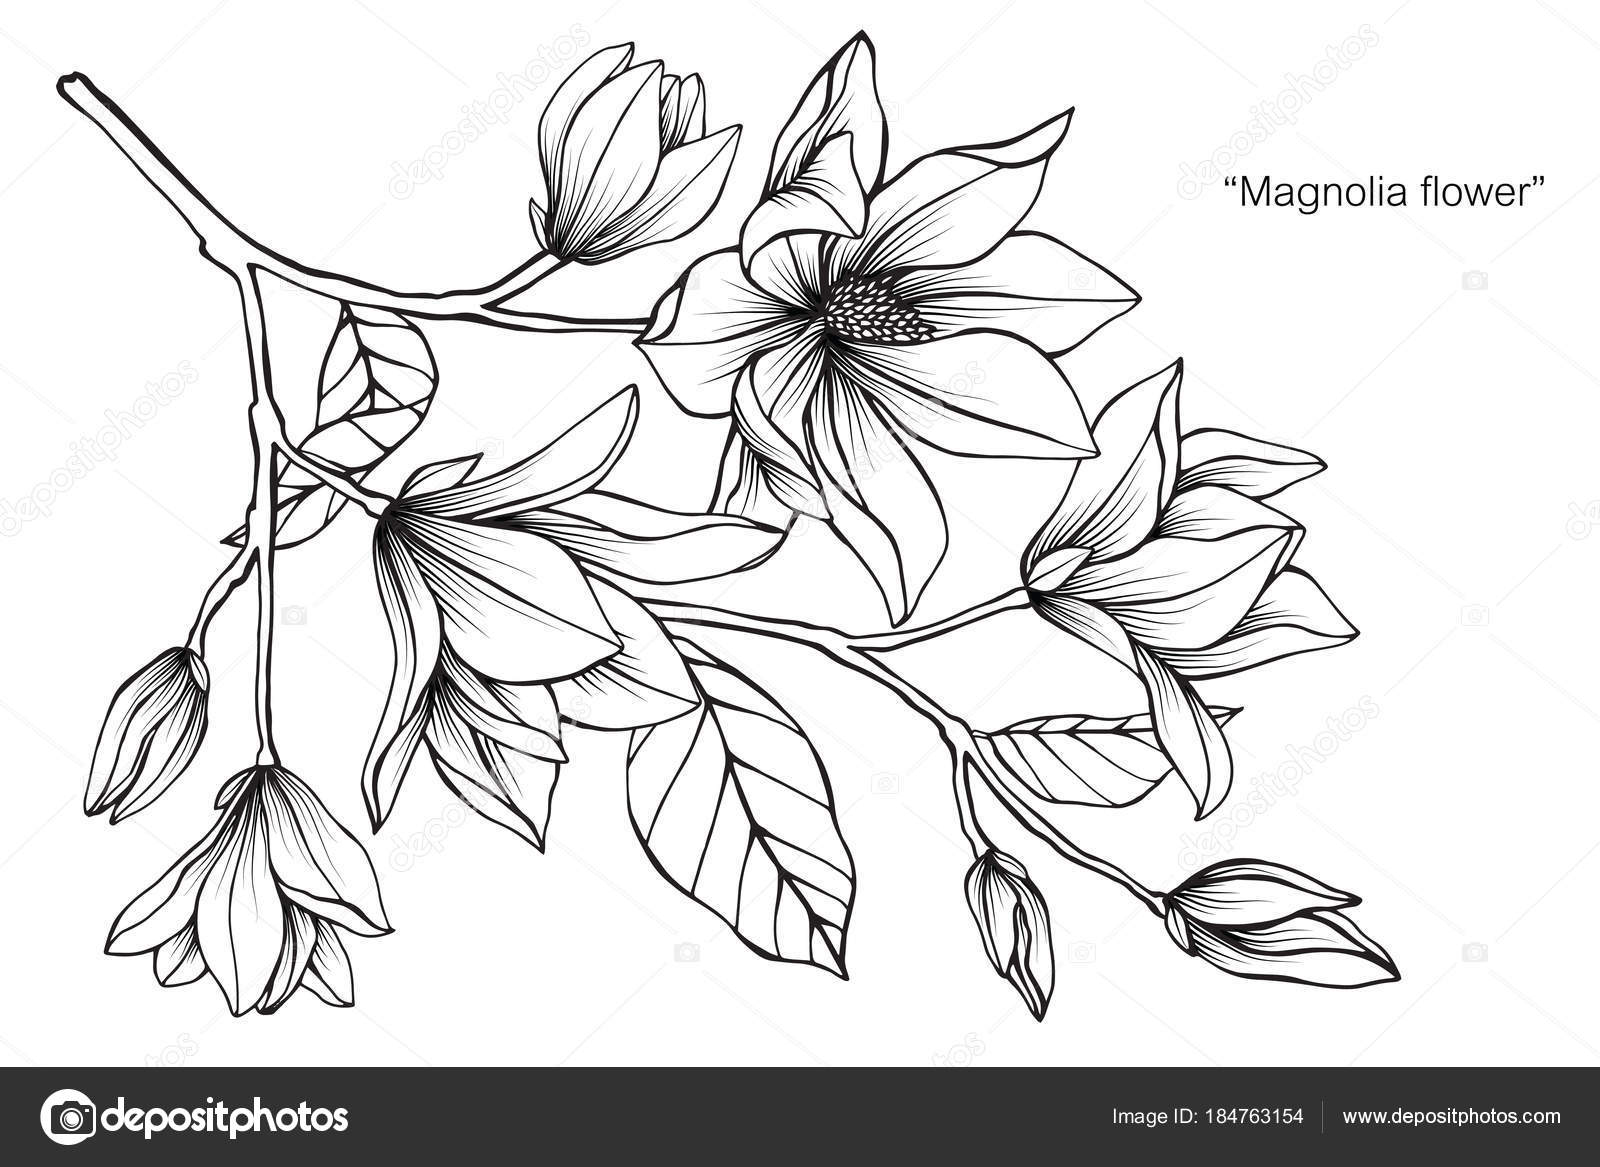 Magnolia Flower Drawing Illustration Black White Line Art White